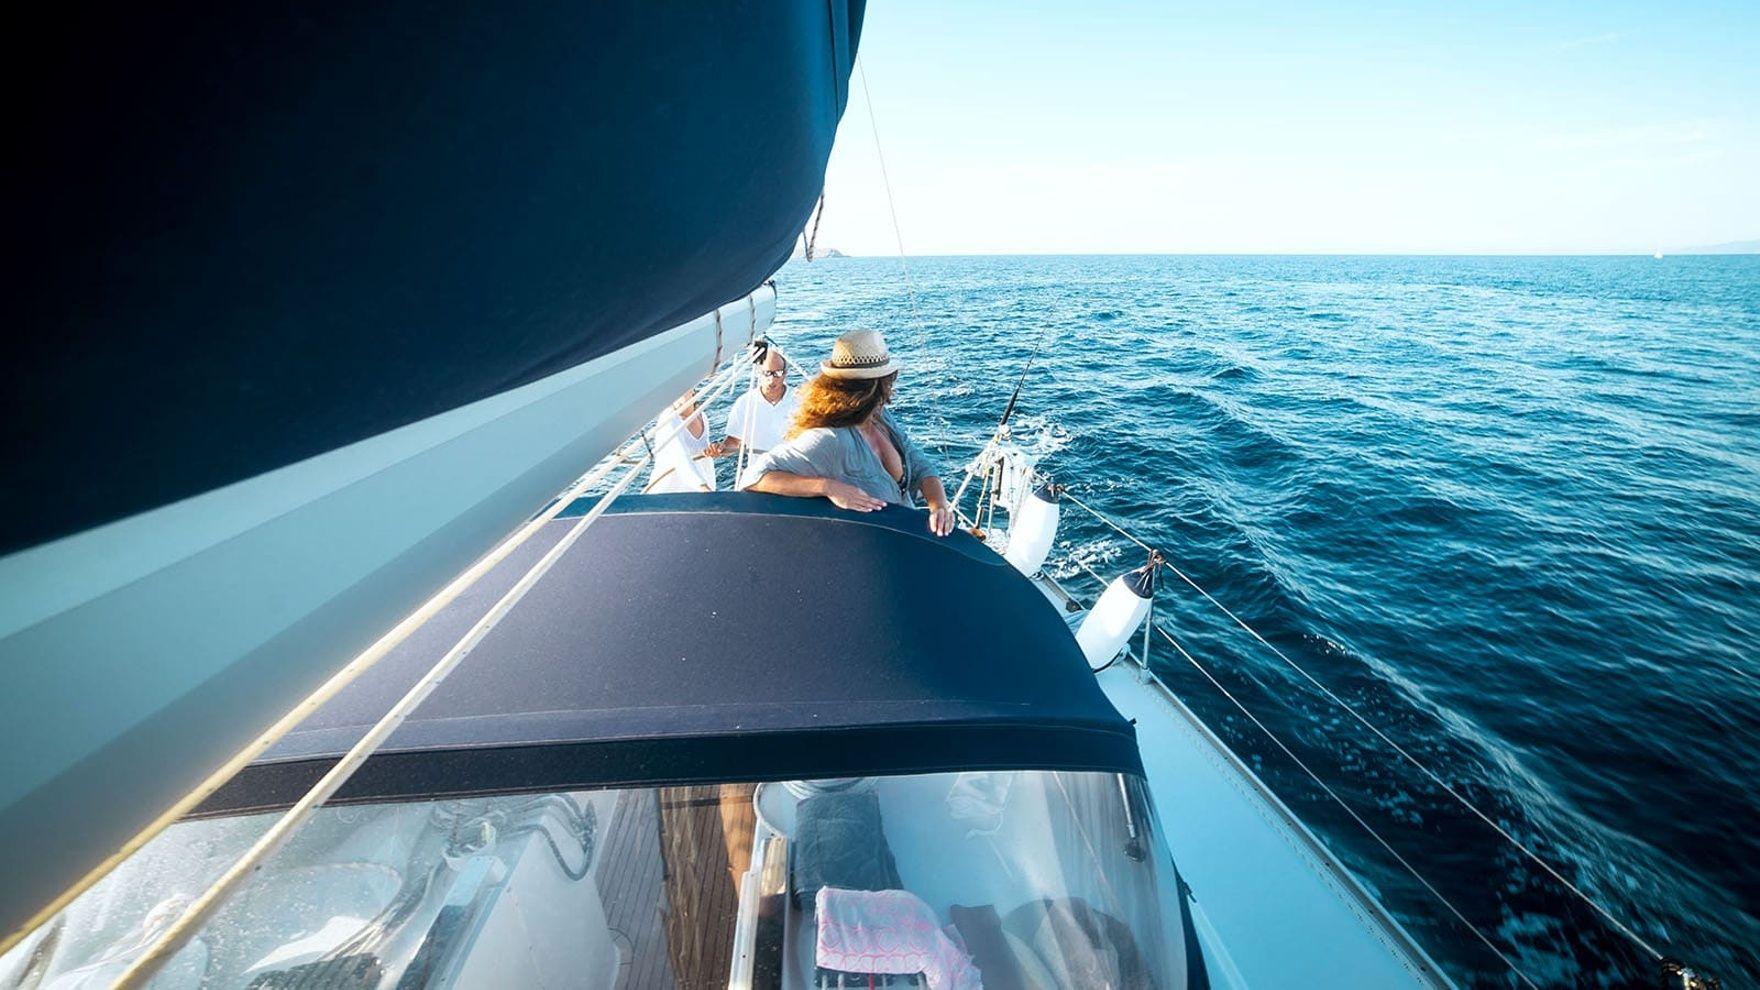 Yachtmaster Coastal IYT course